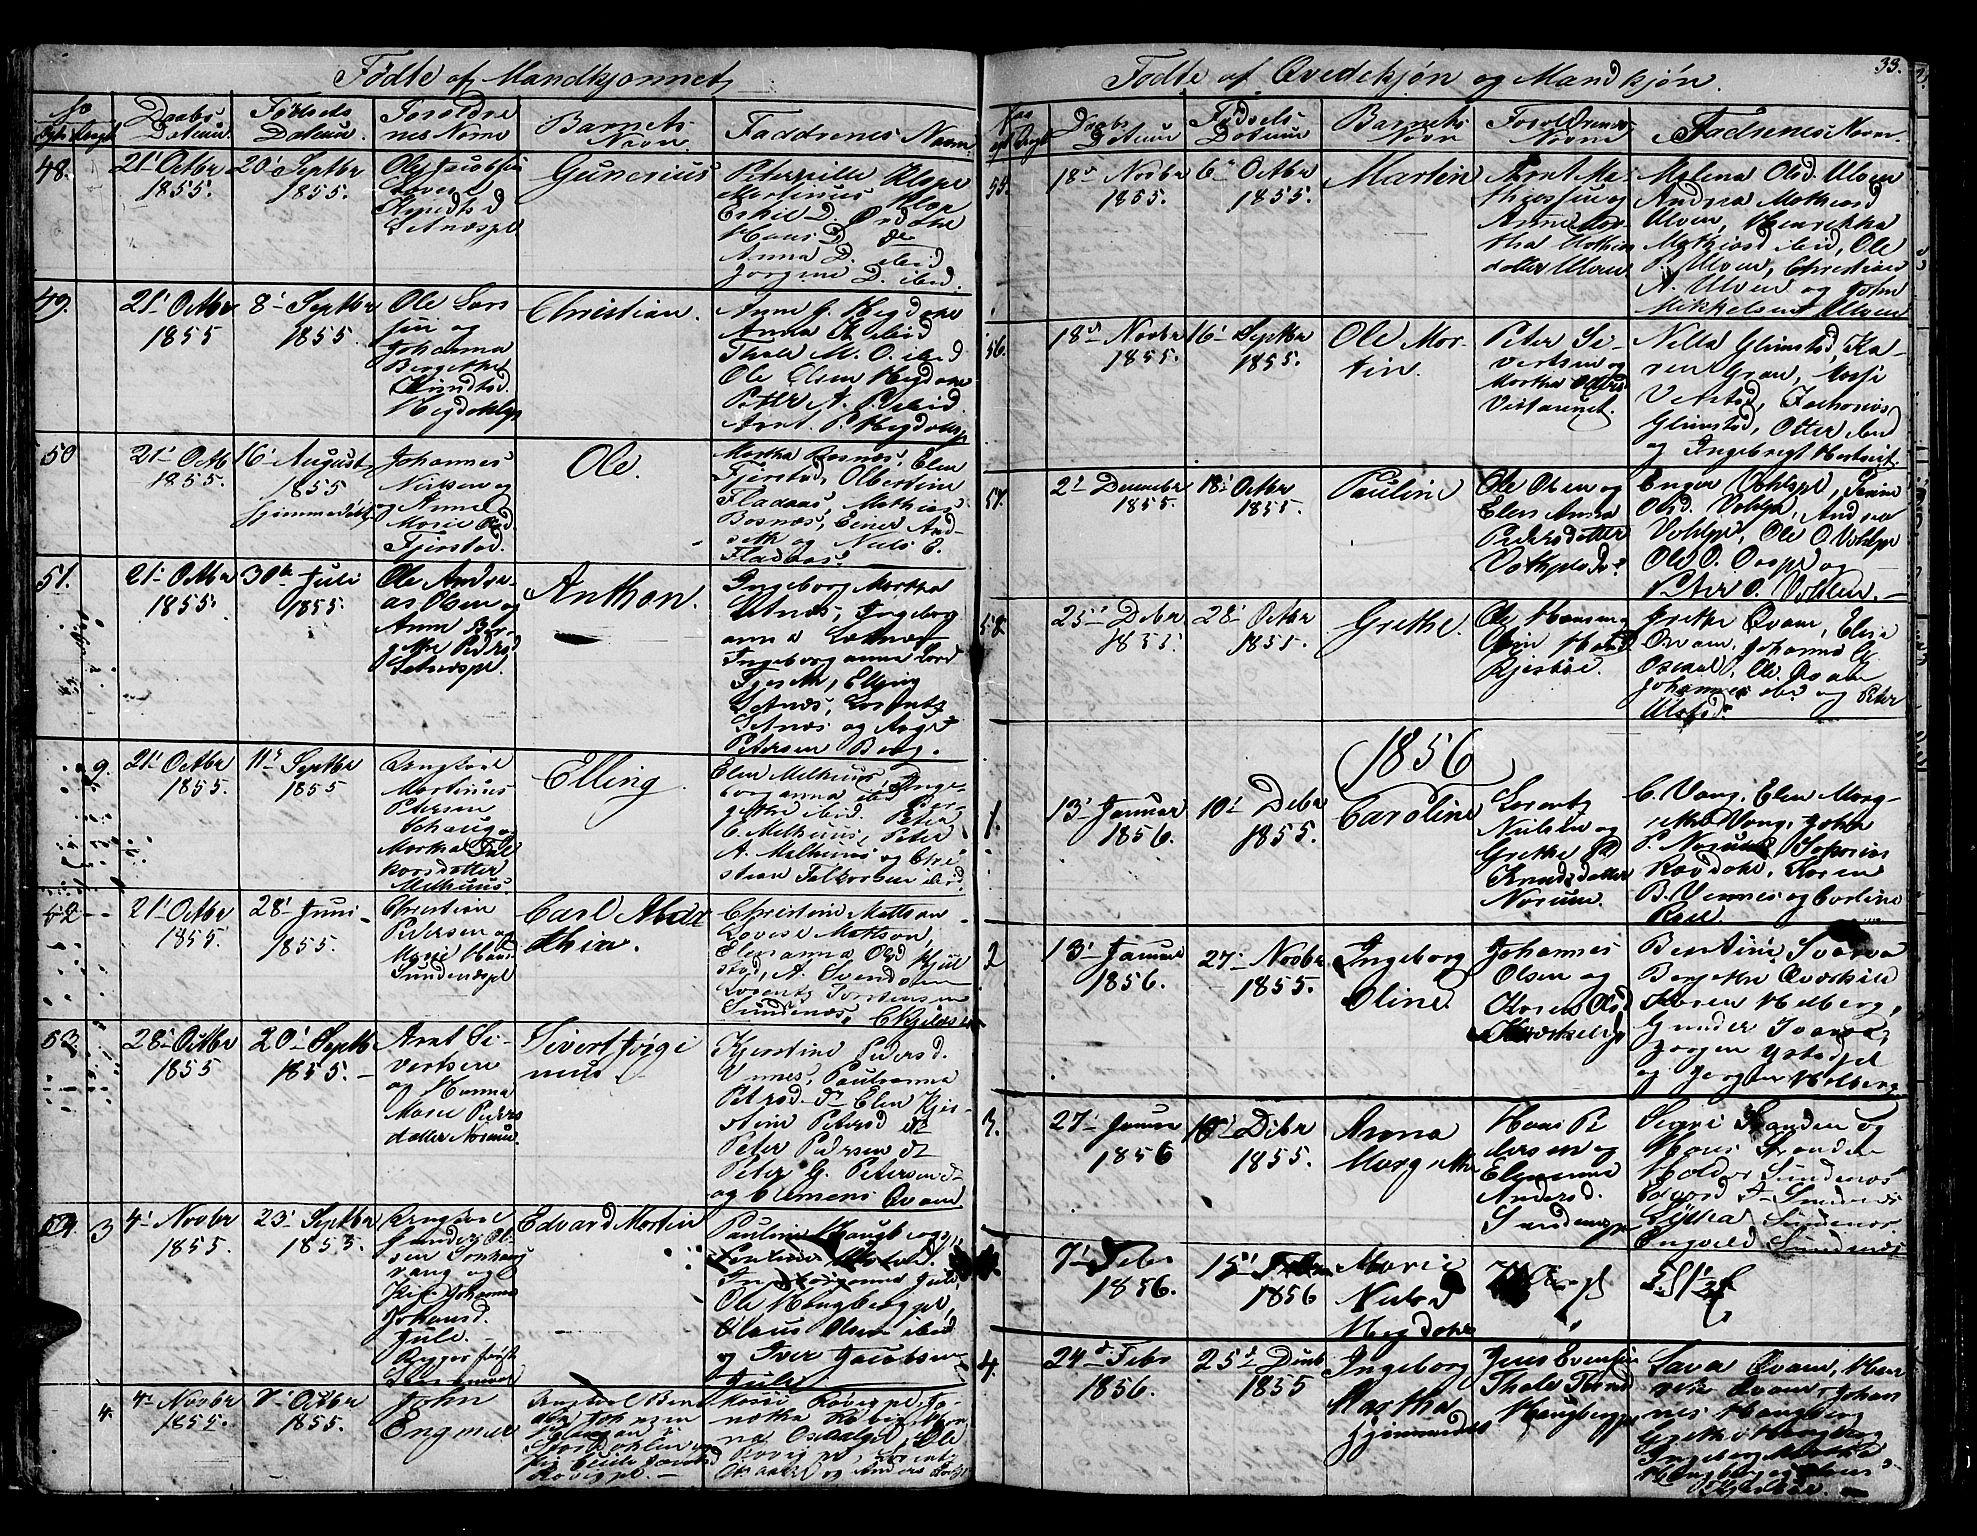 SAT, Ministerialprotokoller, klokkerbøker og fødselsregistre - Nord-Trøndelag, 730/L0299: Klokkerbok nr. 730C02, 1849-1871, s. 33